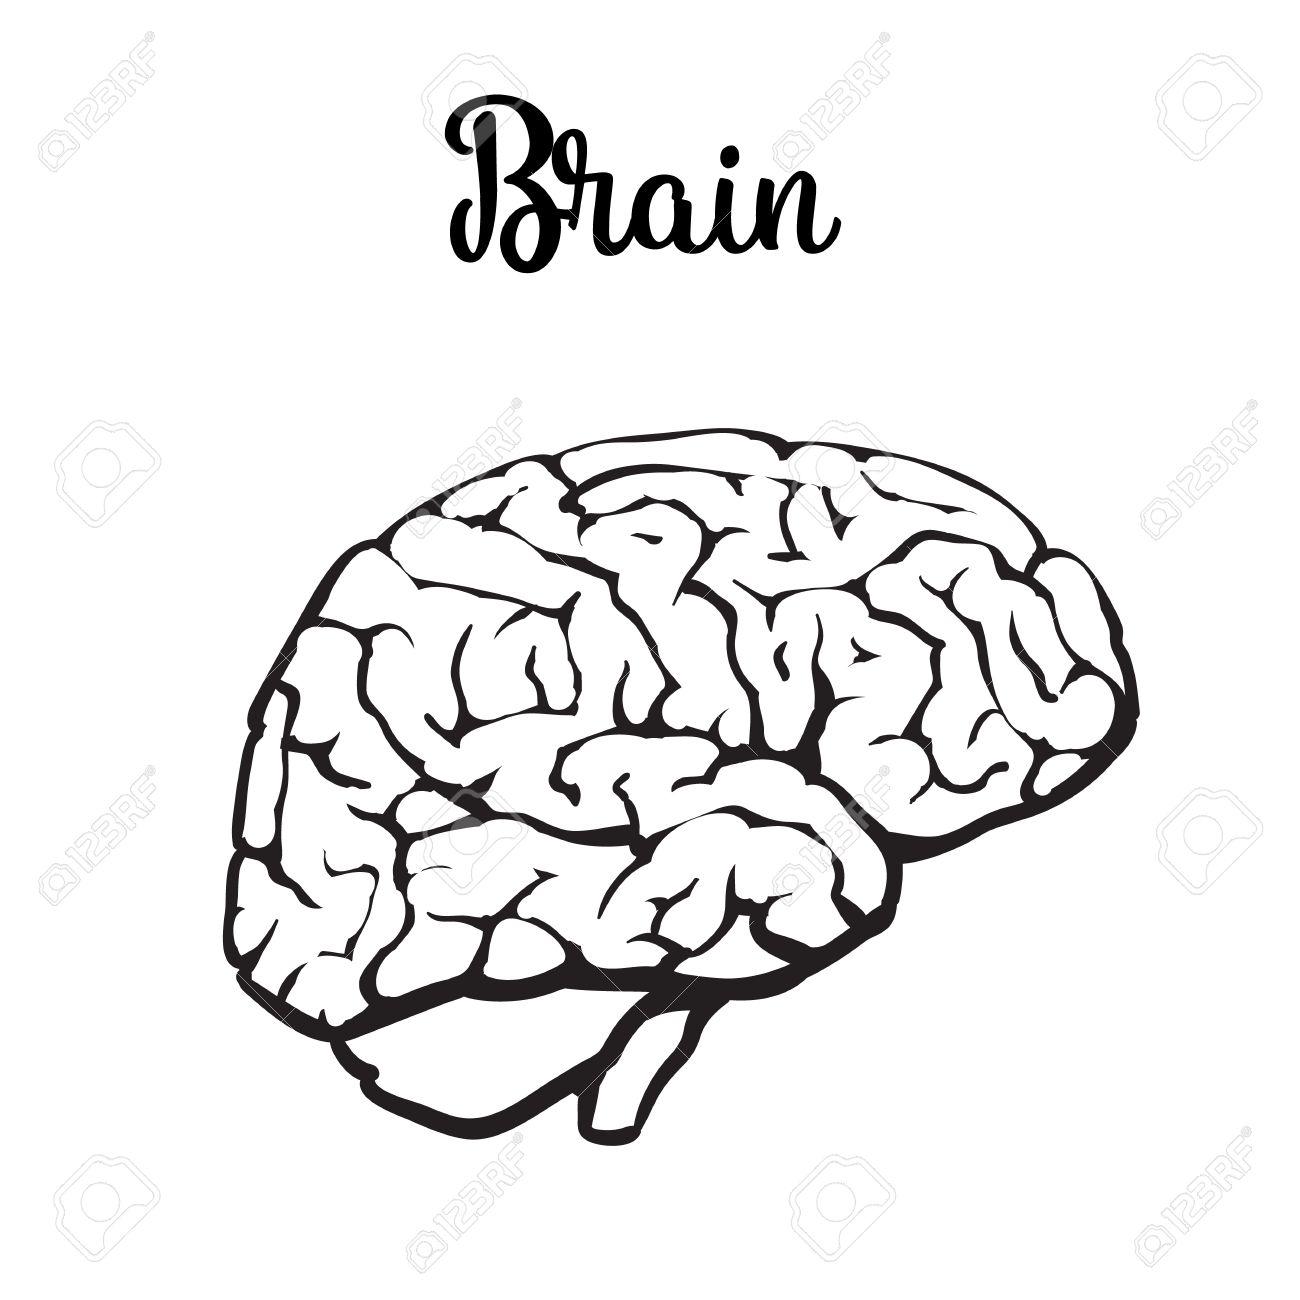 Das Menschliche Gehirn, Vektor-Illustration Skizze Eines Gehirns Auf ...